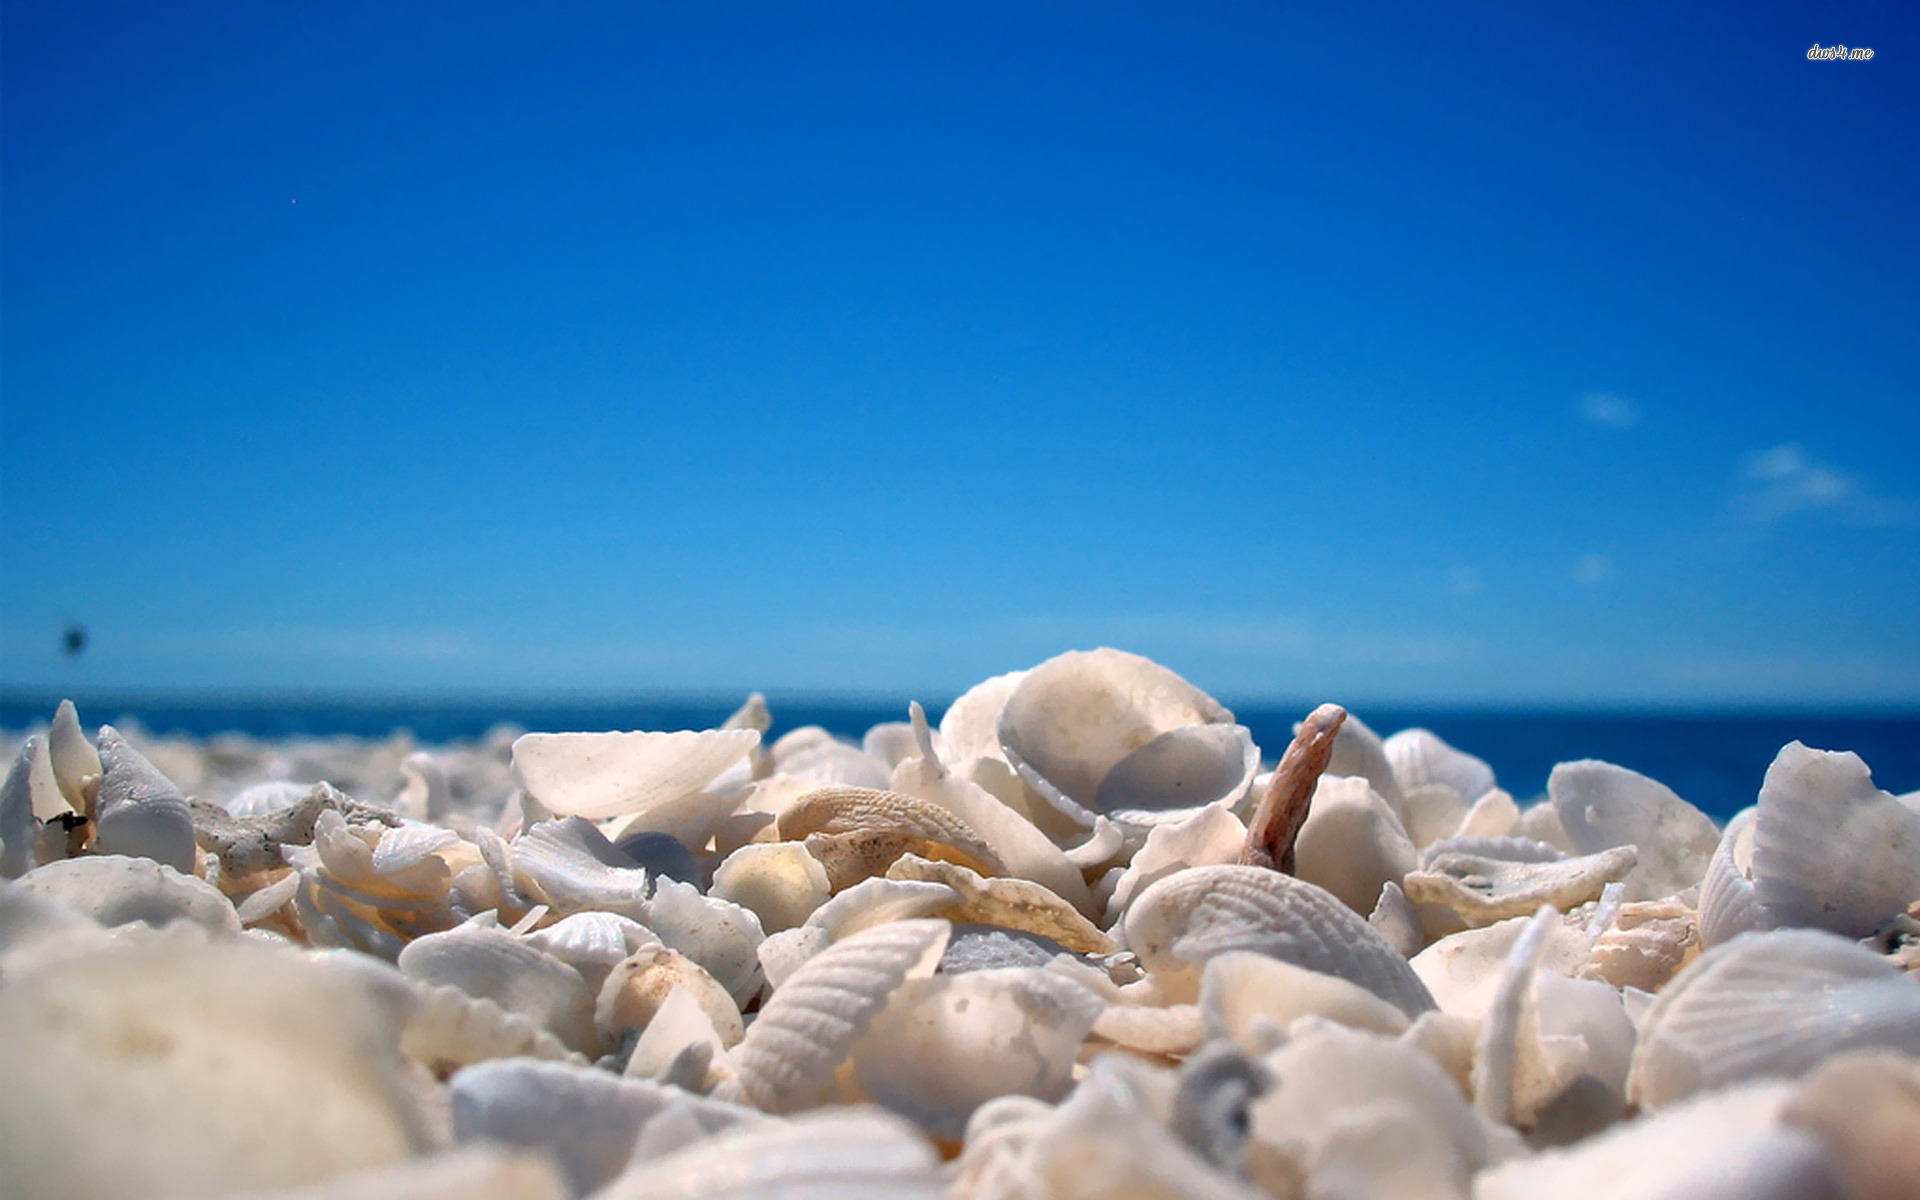 ... Shells wallpaper 1920x1200 ...